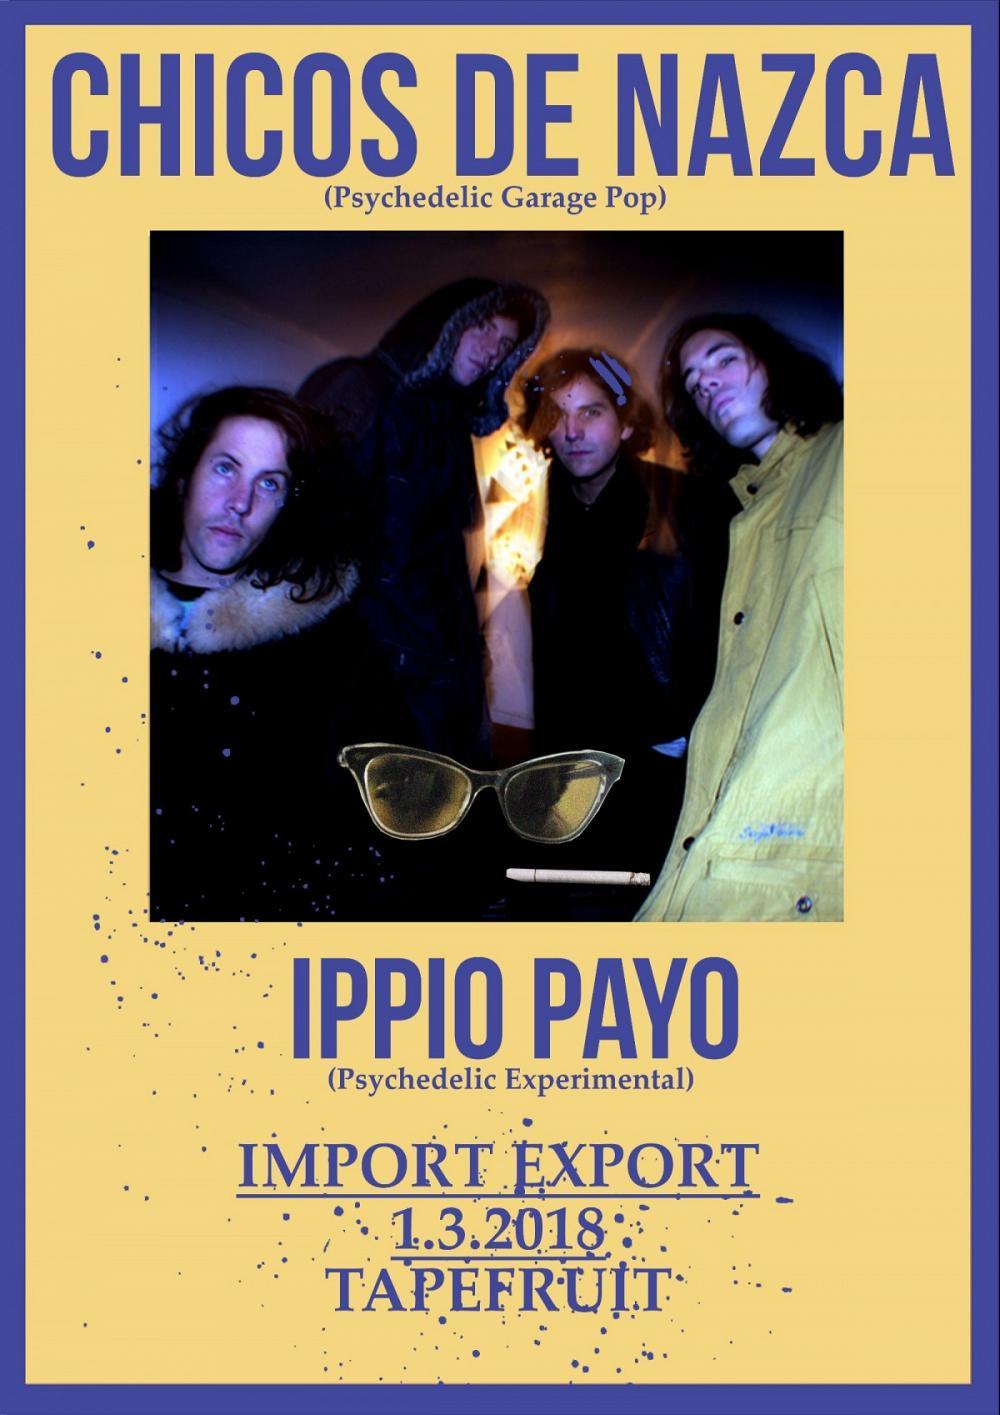 Tapefruit Konzert: Chicos de Nazca + Ippio Payo | 01.03.2018 @ Import Export